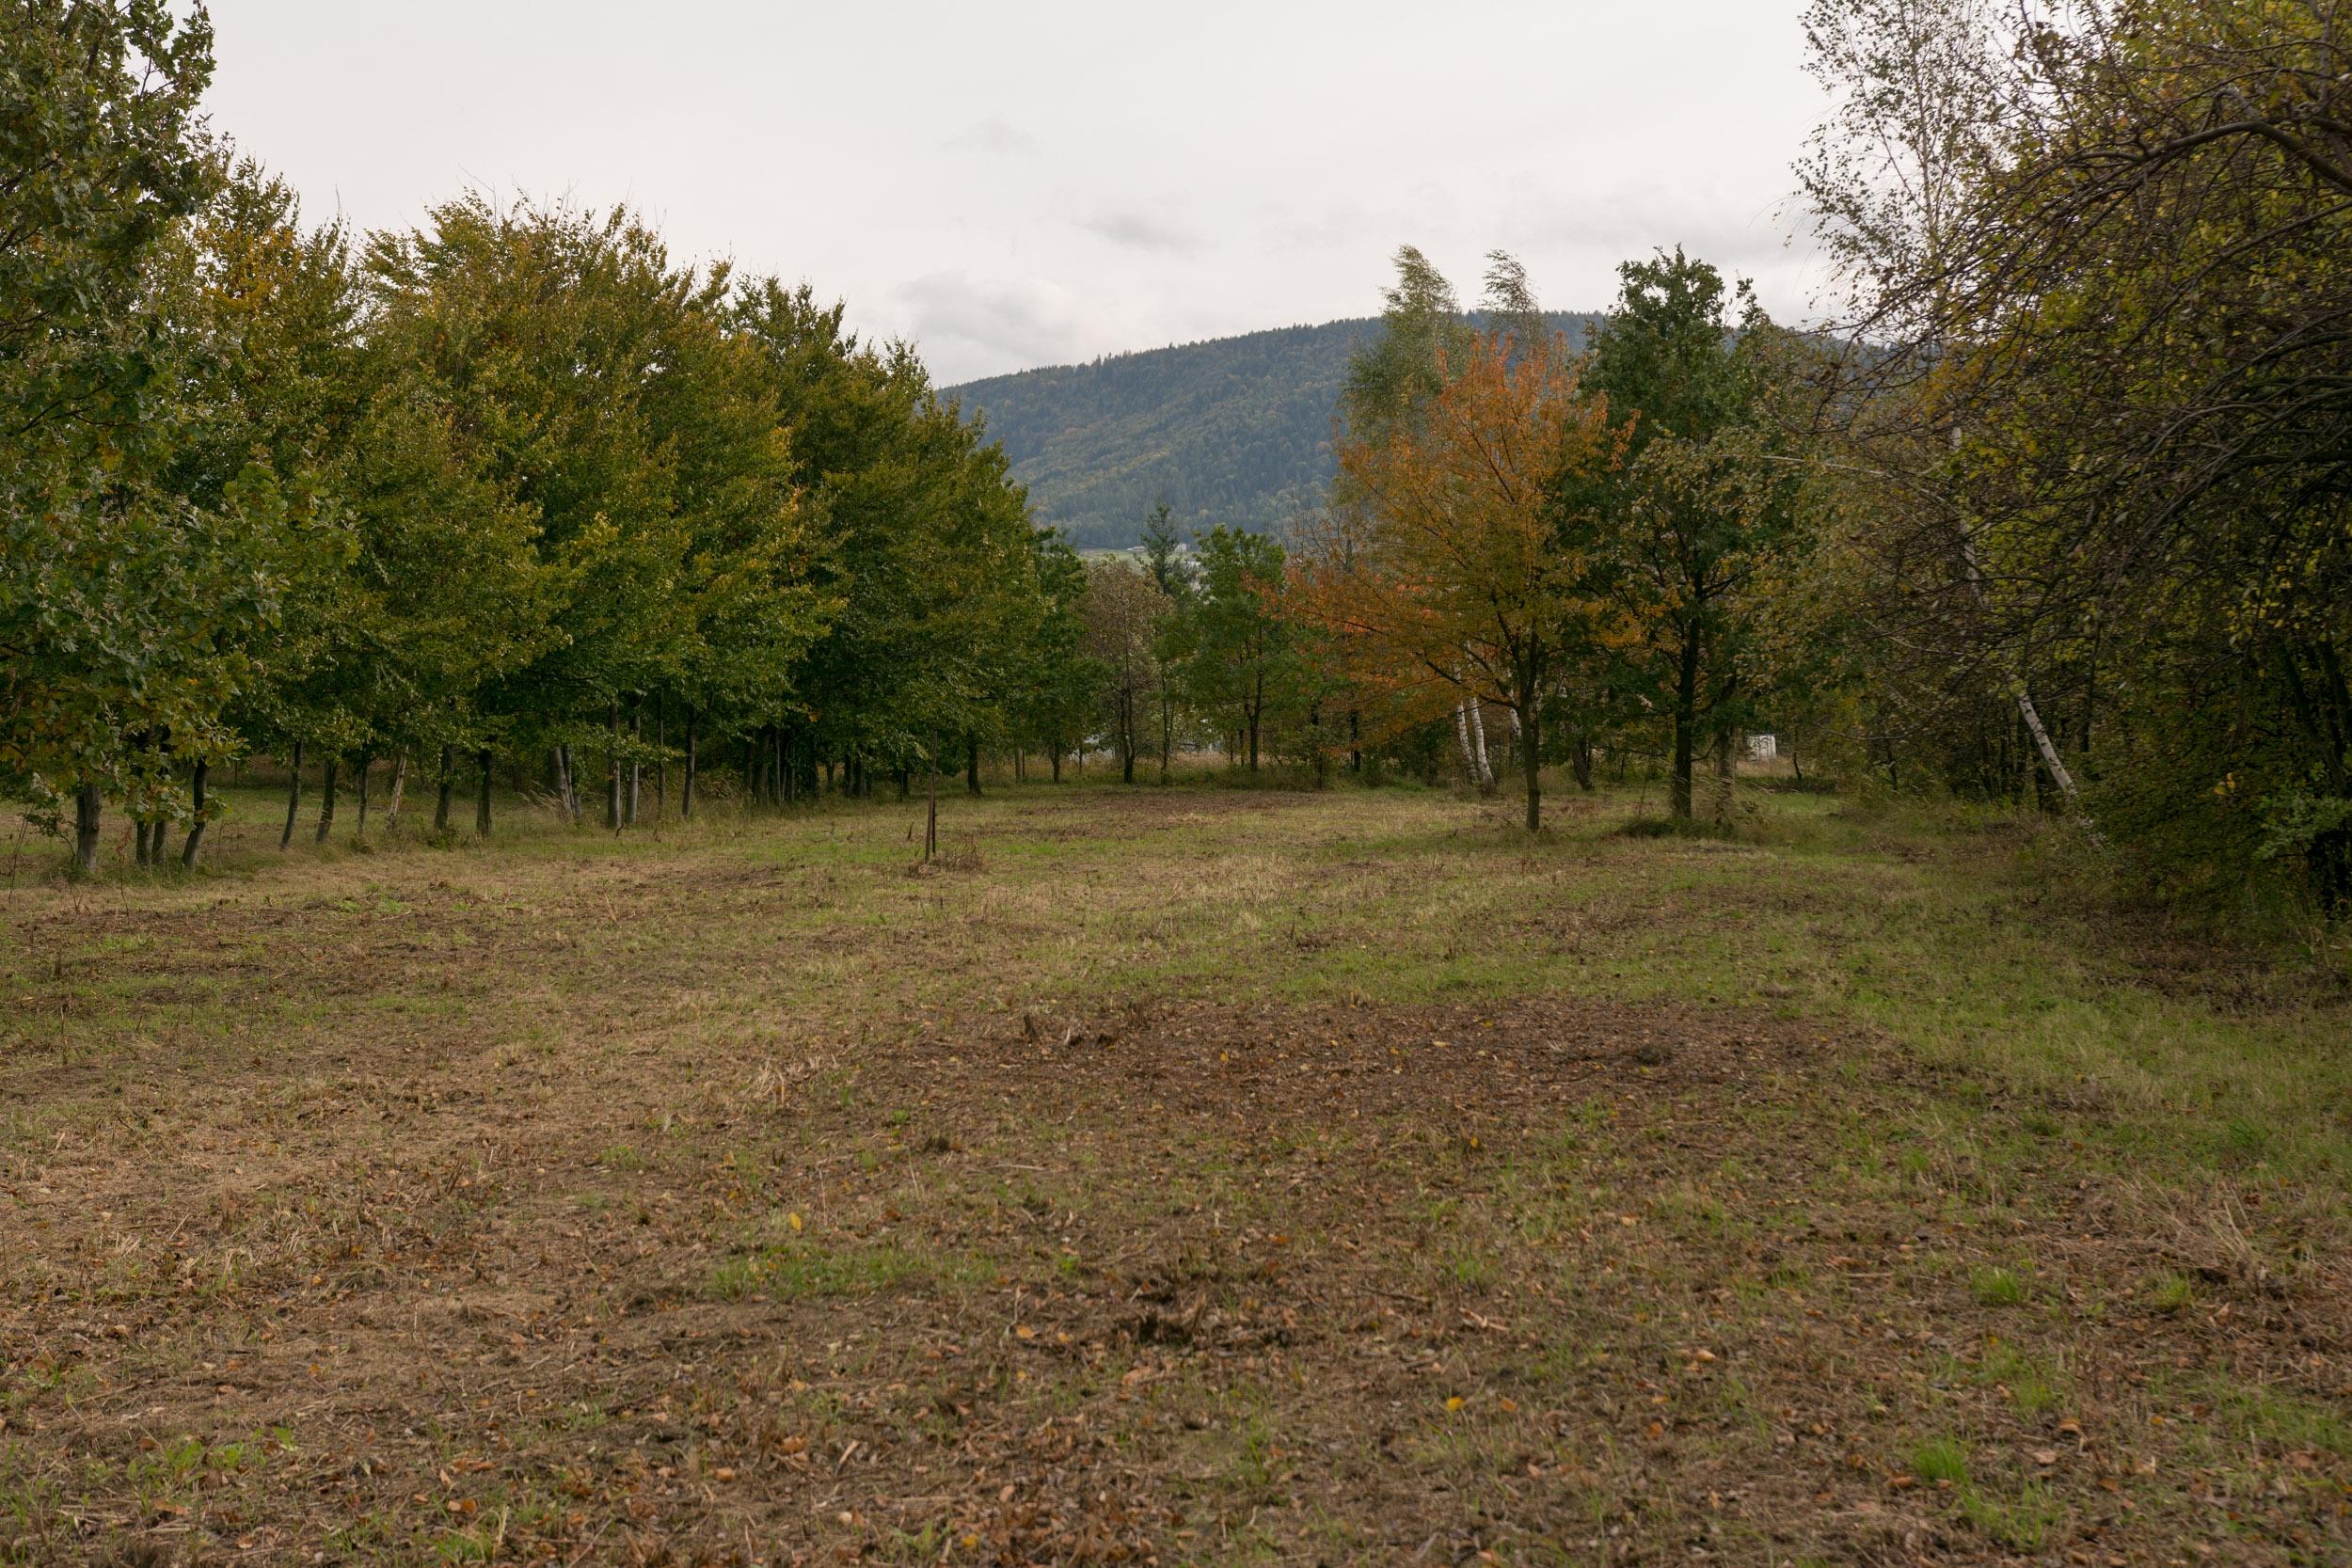 Zdjęcie 4Działka budowlana z widokiem na góry